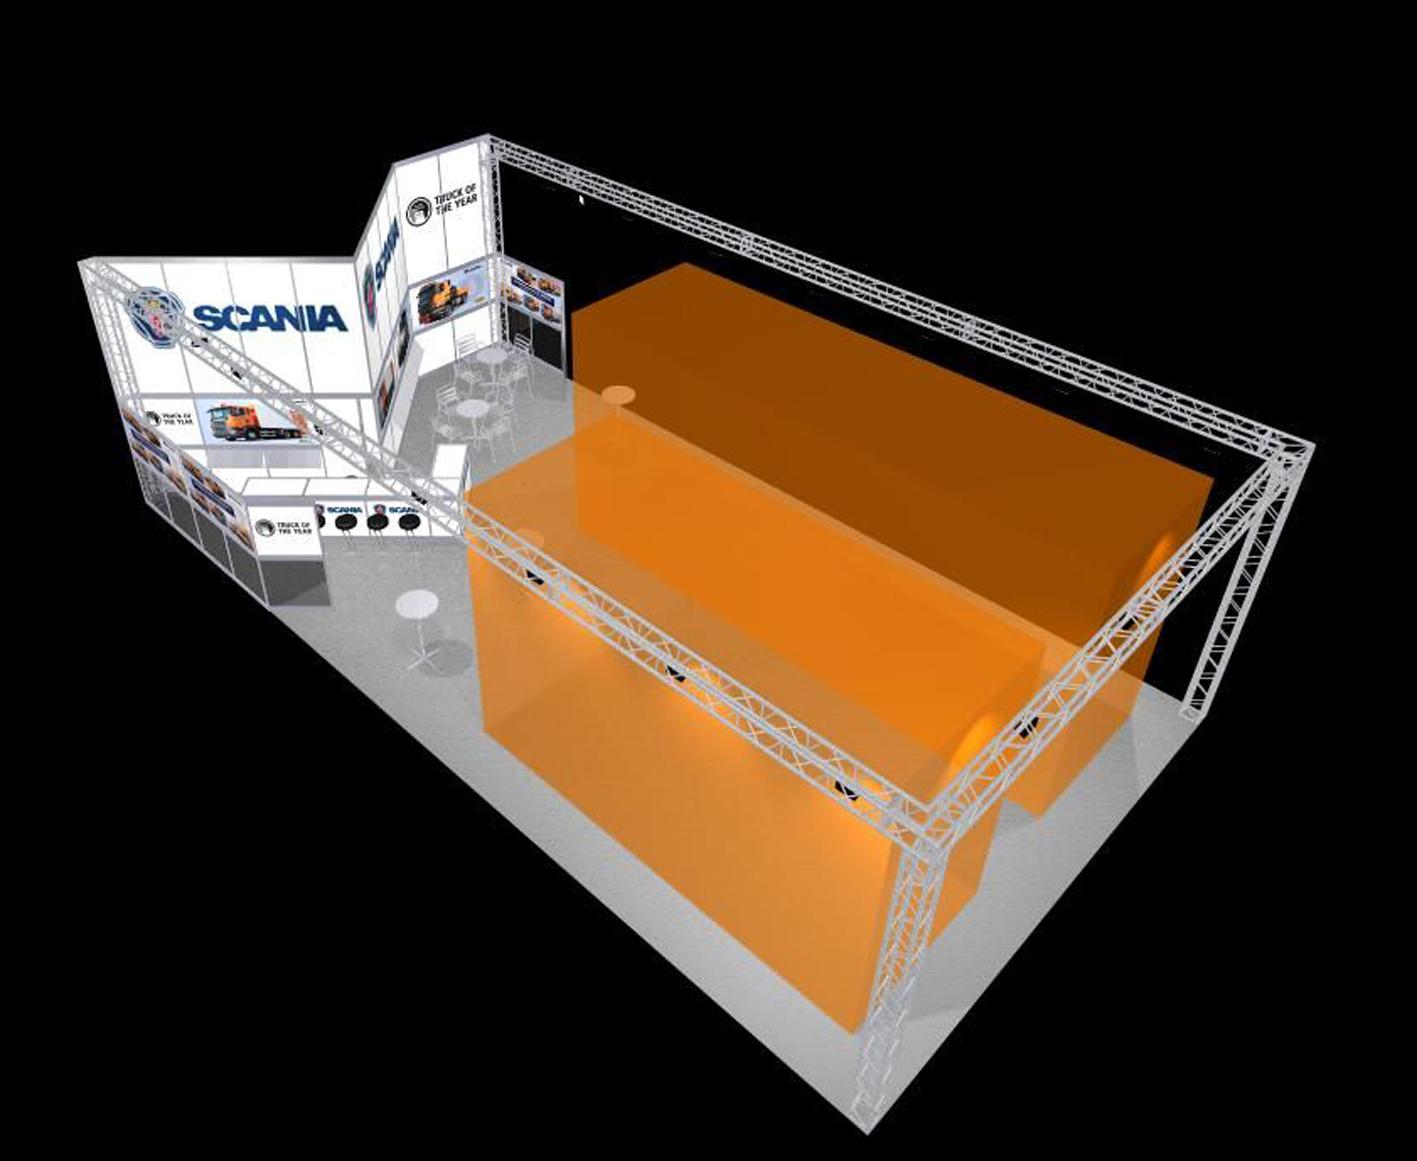 03 Kopfstand mit großer Lagerkoje, Traversen und Platz für LKW, sehr gute Ausleuchtung des gesamten Standes